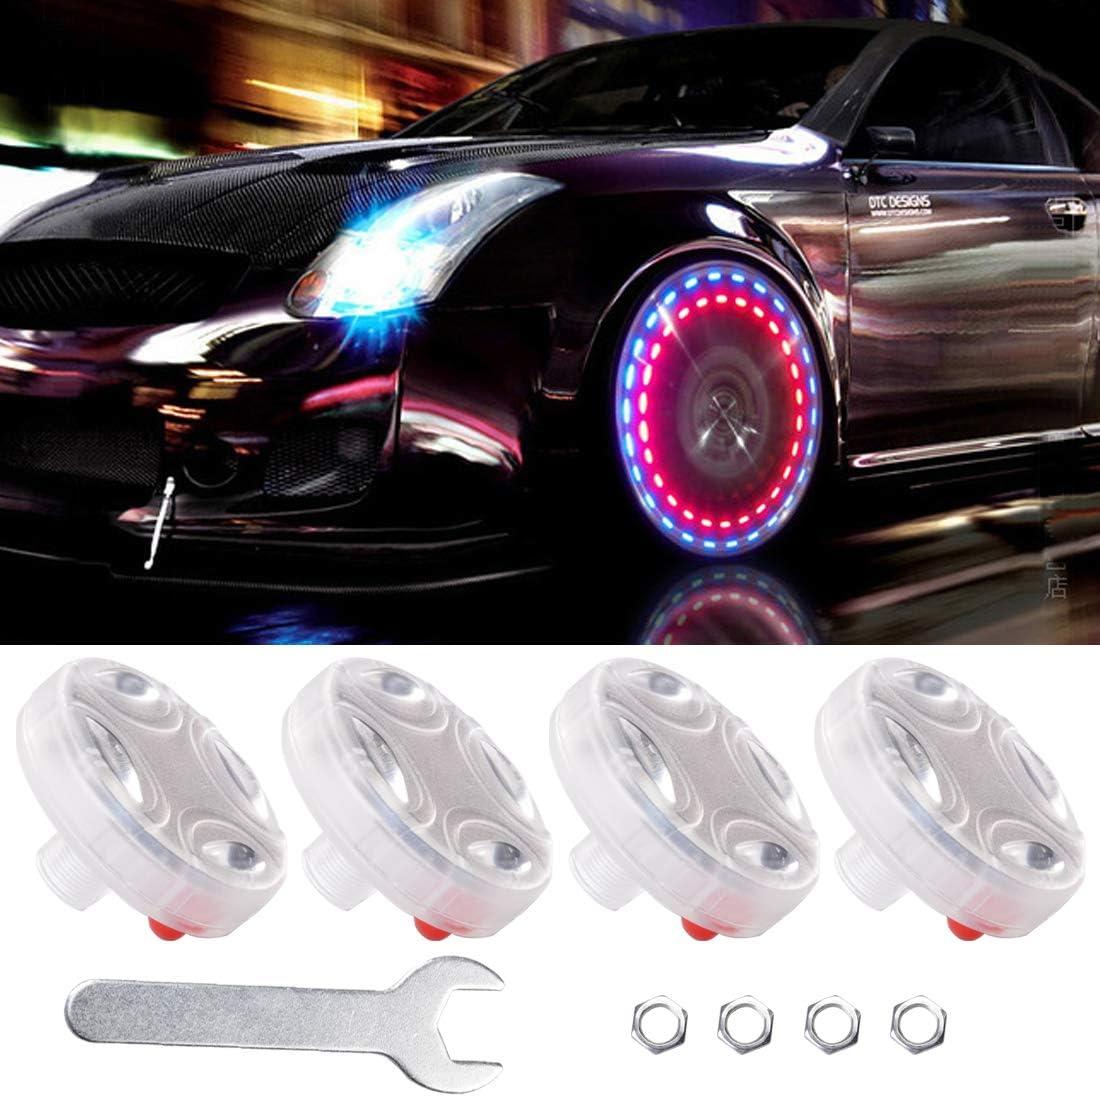 ND/_ EG/_ Car Auto Wheel Hub Tire Solar Color LED Decor Light Solar Energy Flash